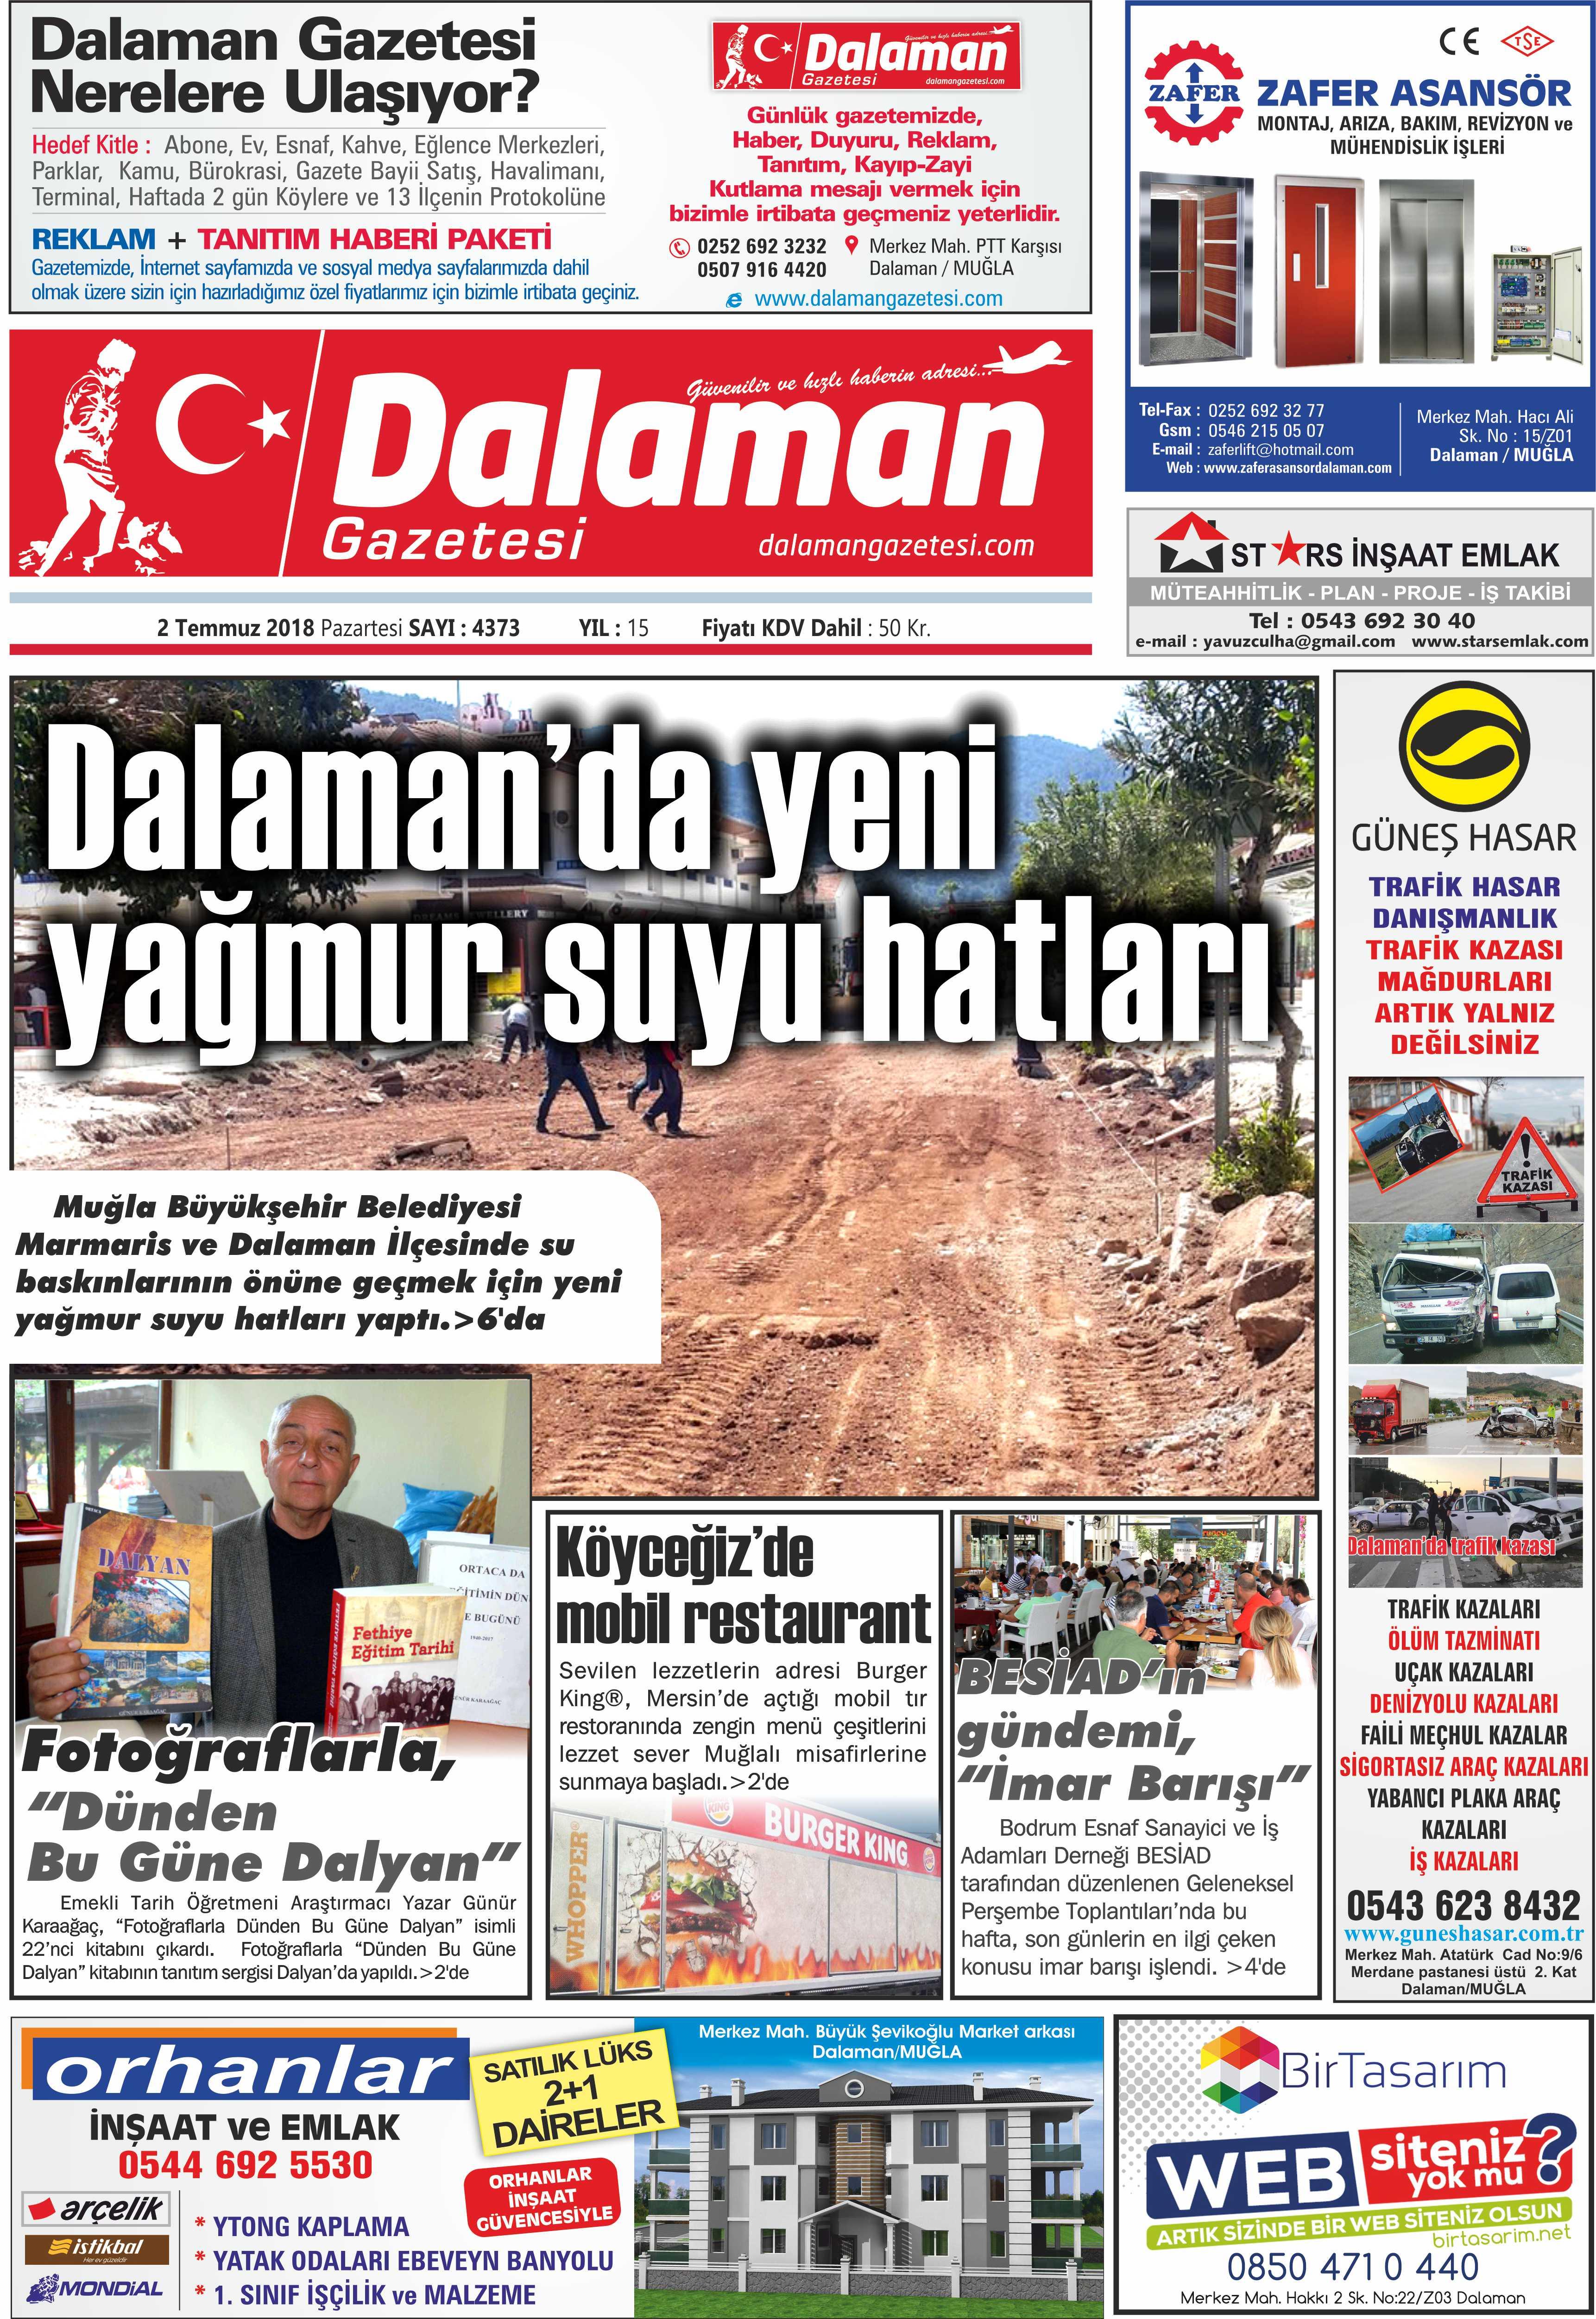 2.07.2018 0 - Dalaman'dan haber başlıkları